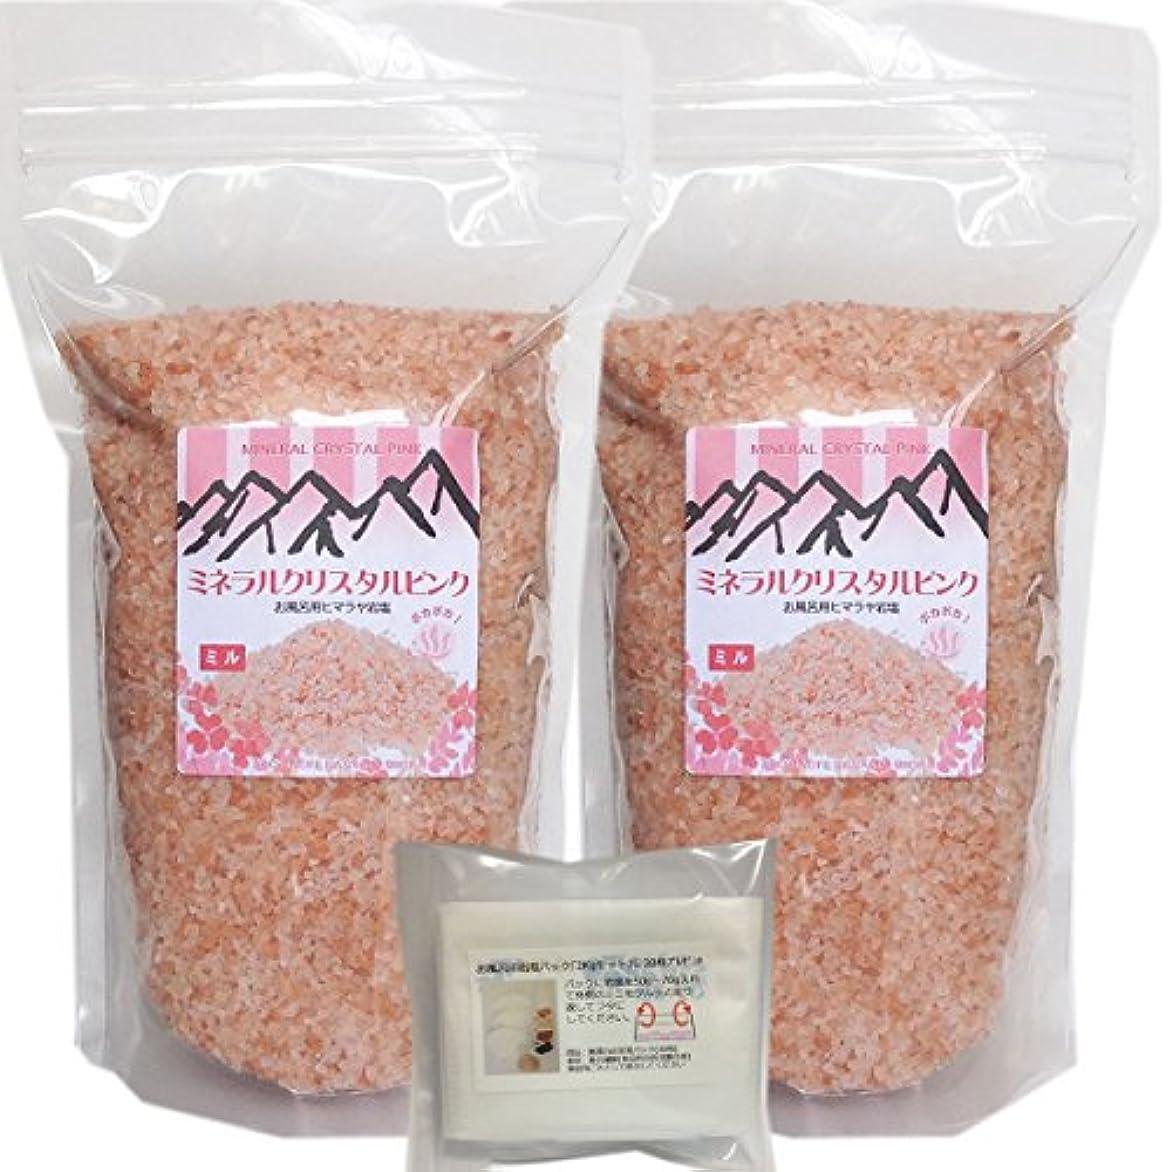 さわやか受賞バレエヒマラヤ岩塩 ミネラルクリスタル ピンク [2Kgセット]